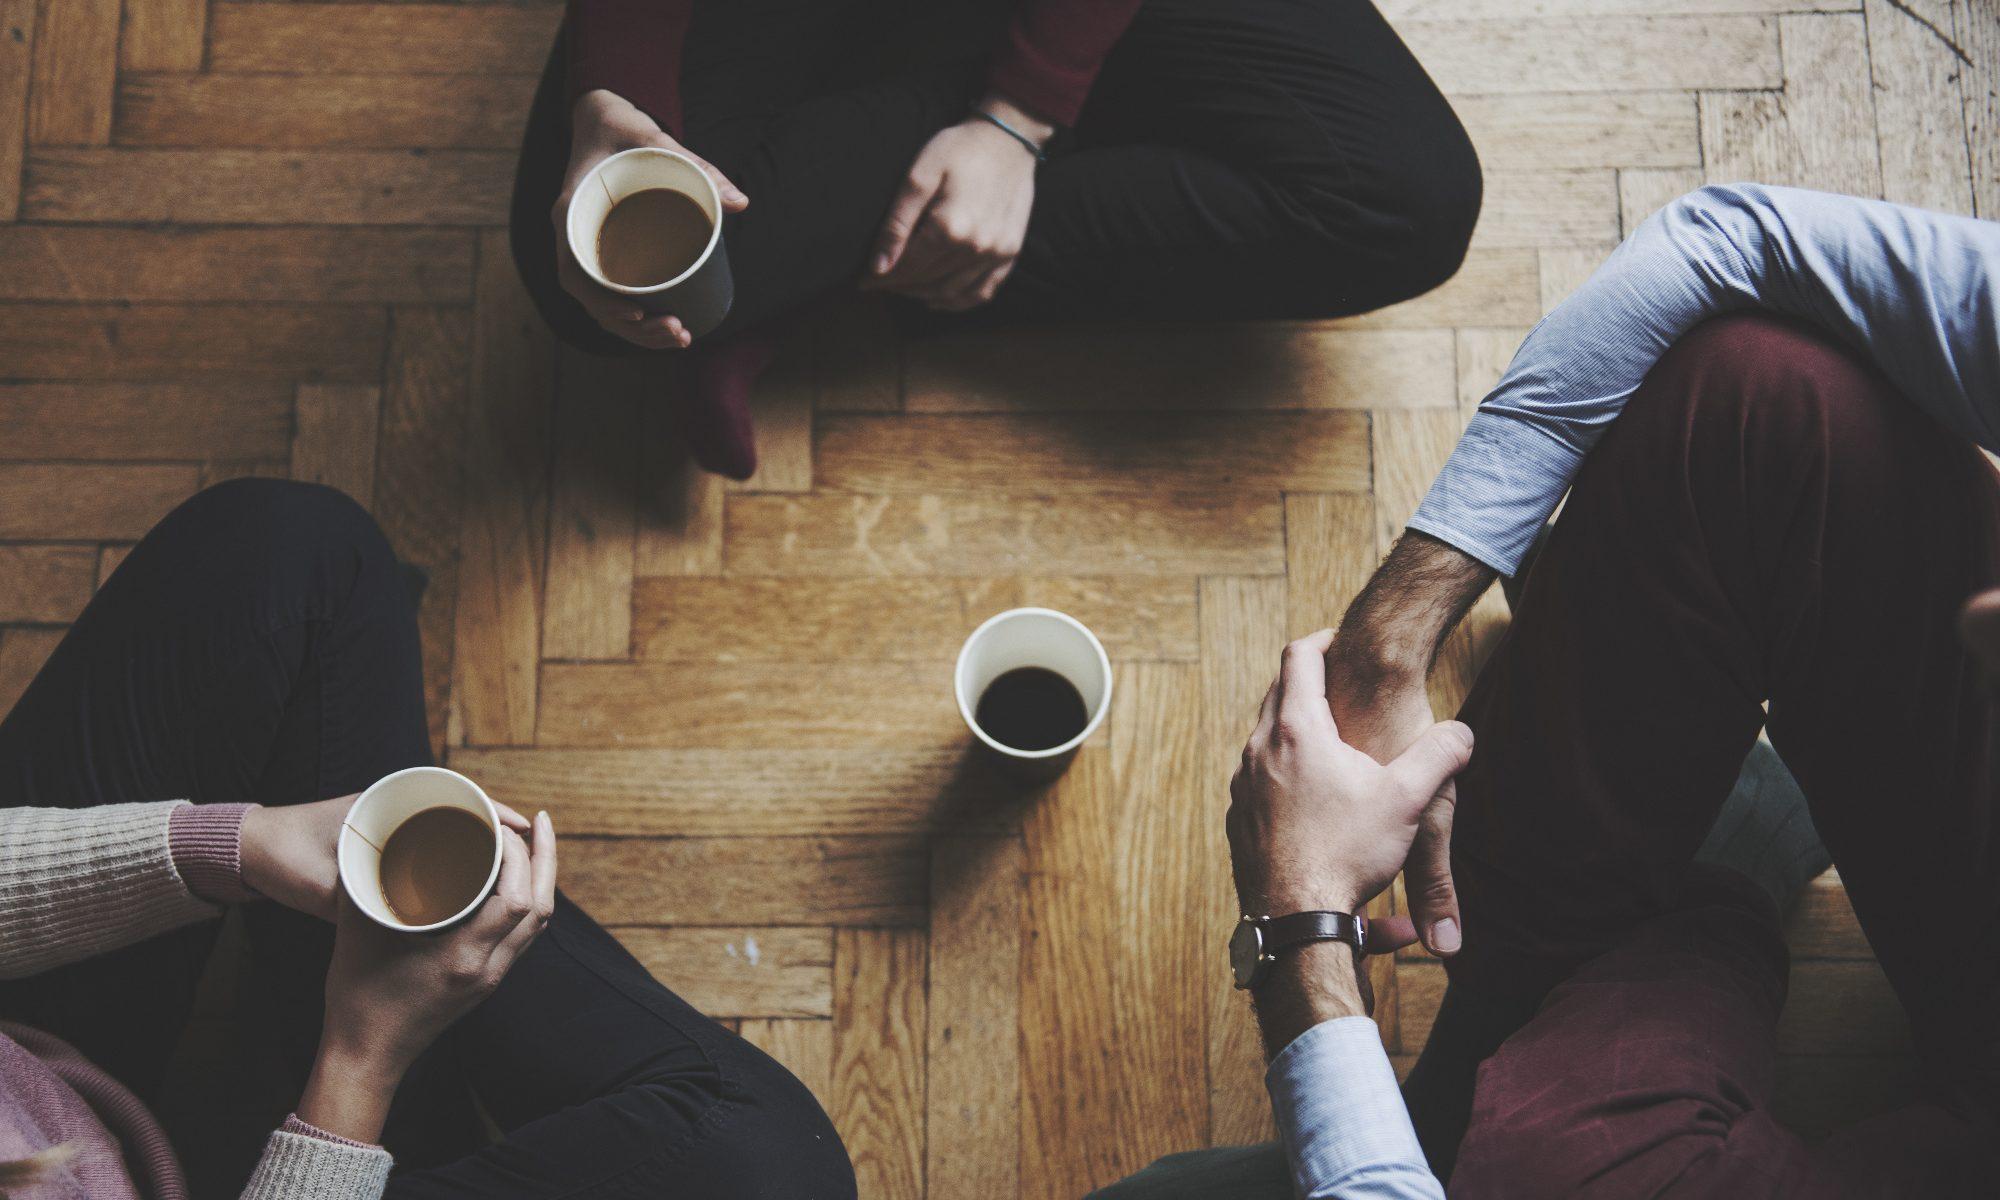 Selbstvertrauen durch Aussprechen - ein Anruf kann helfen